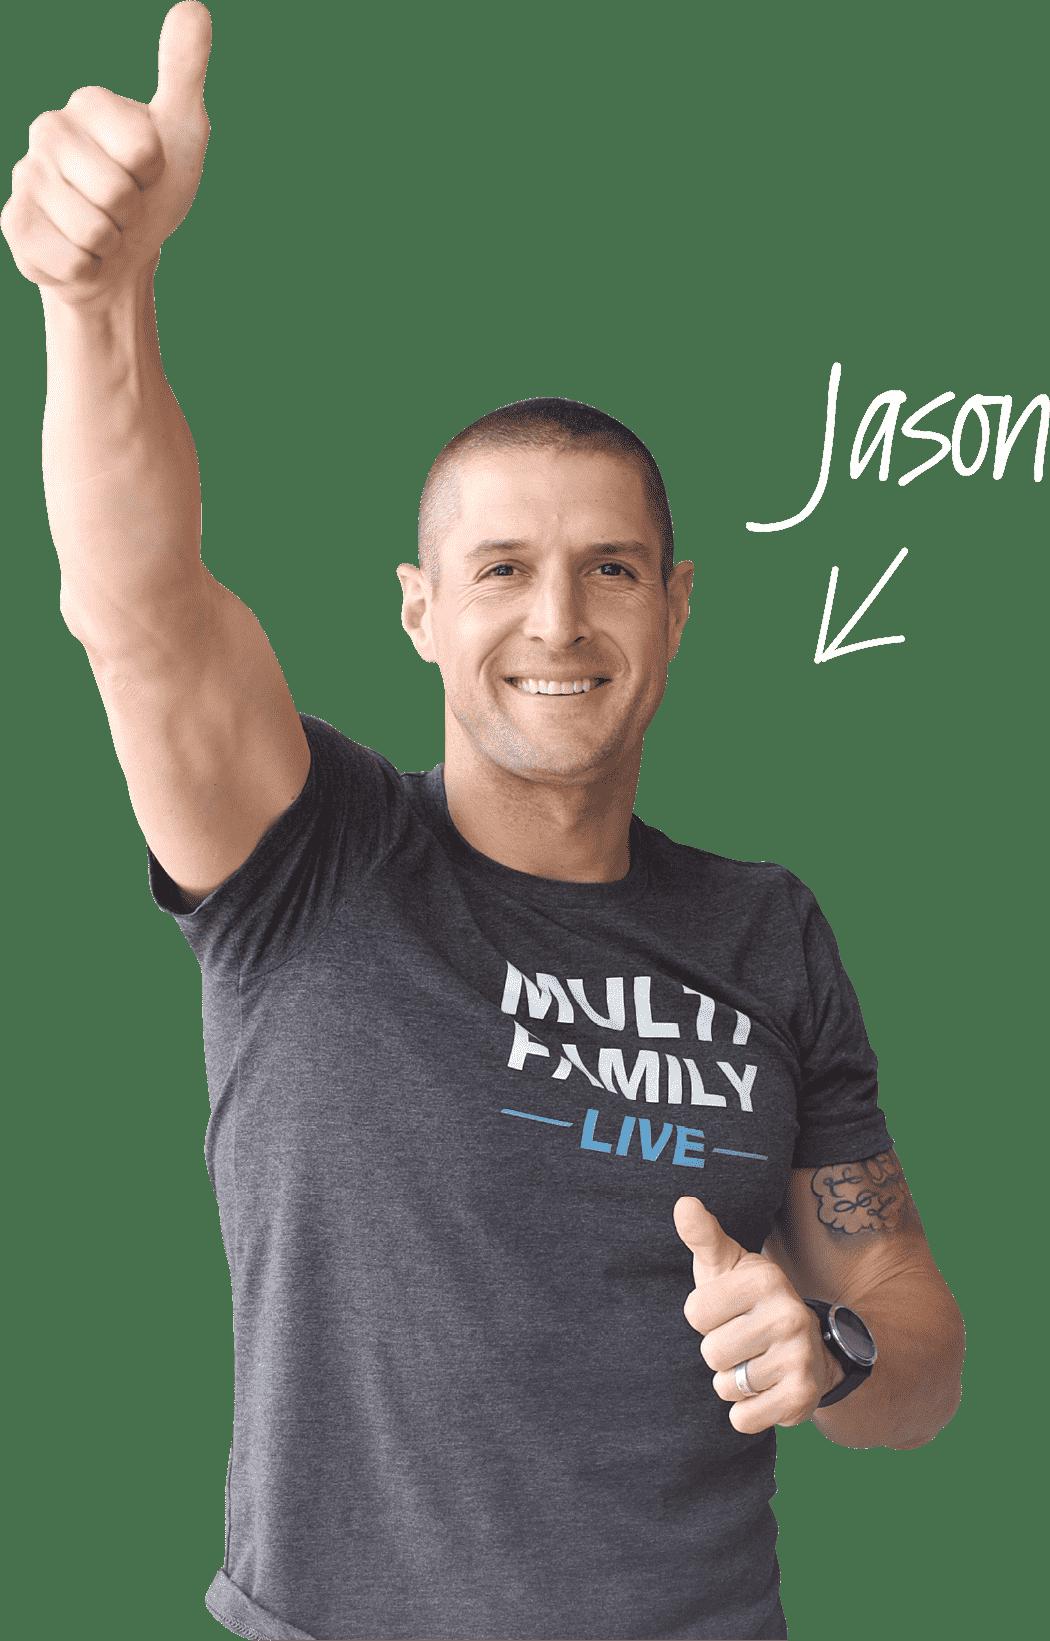 Jason Yarusi